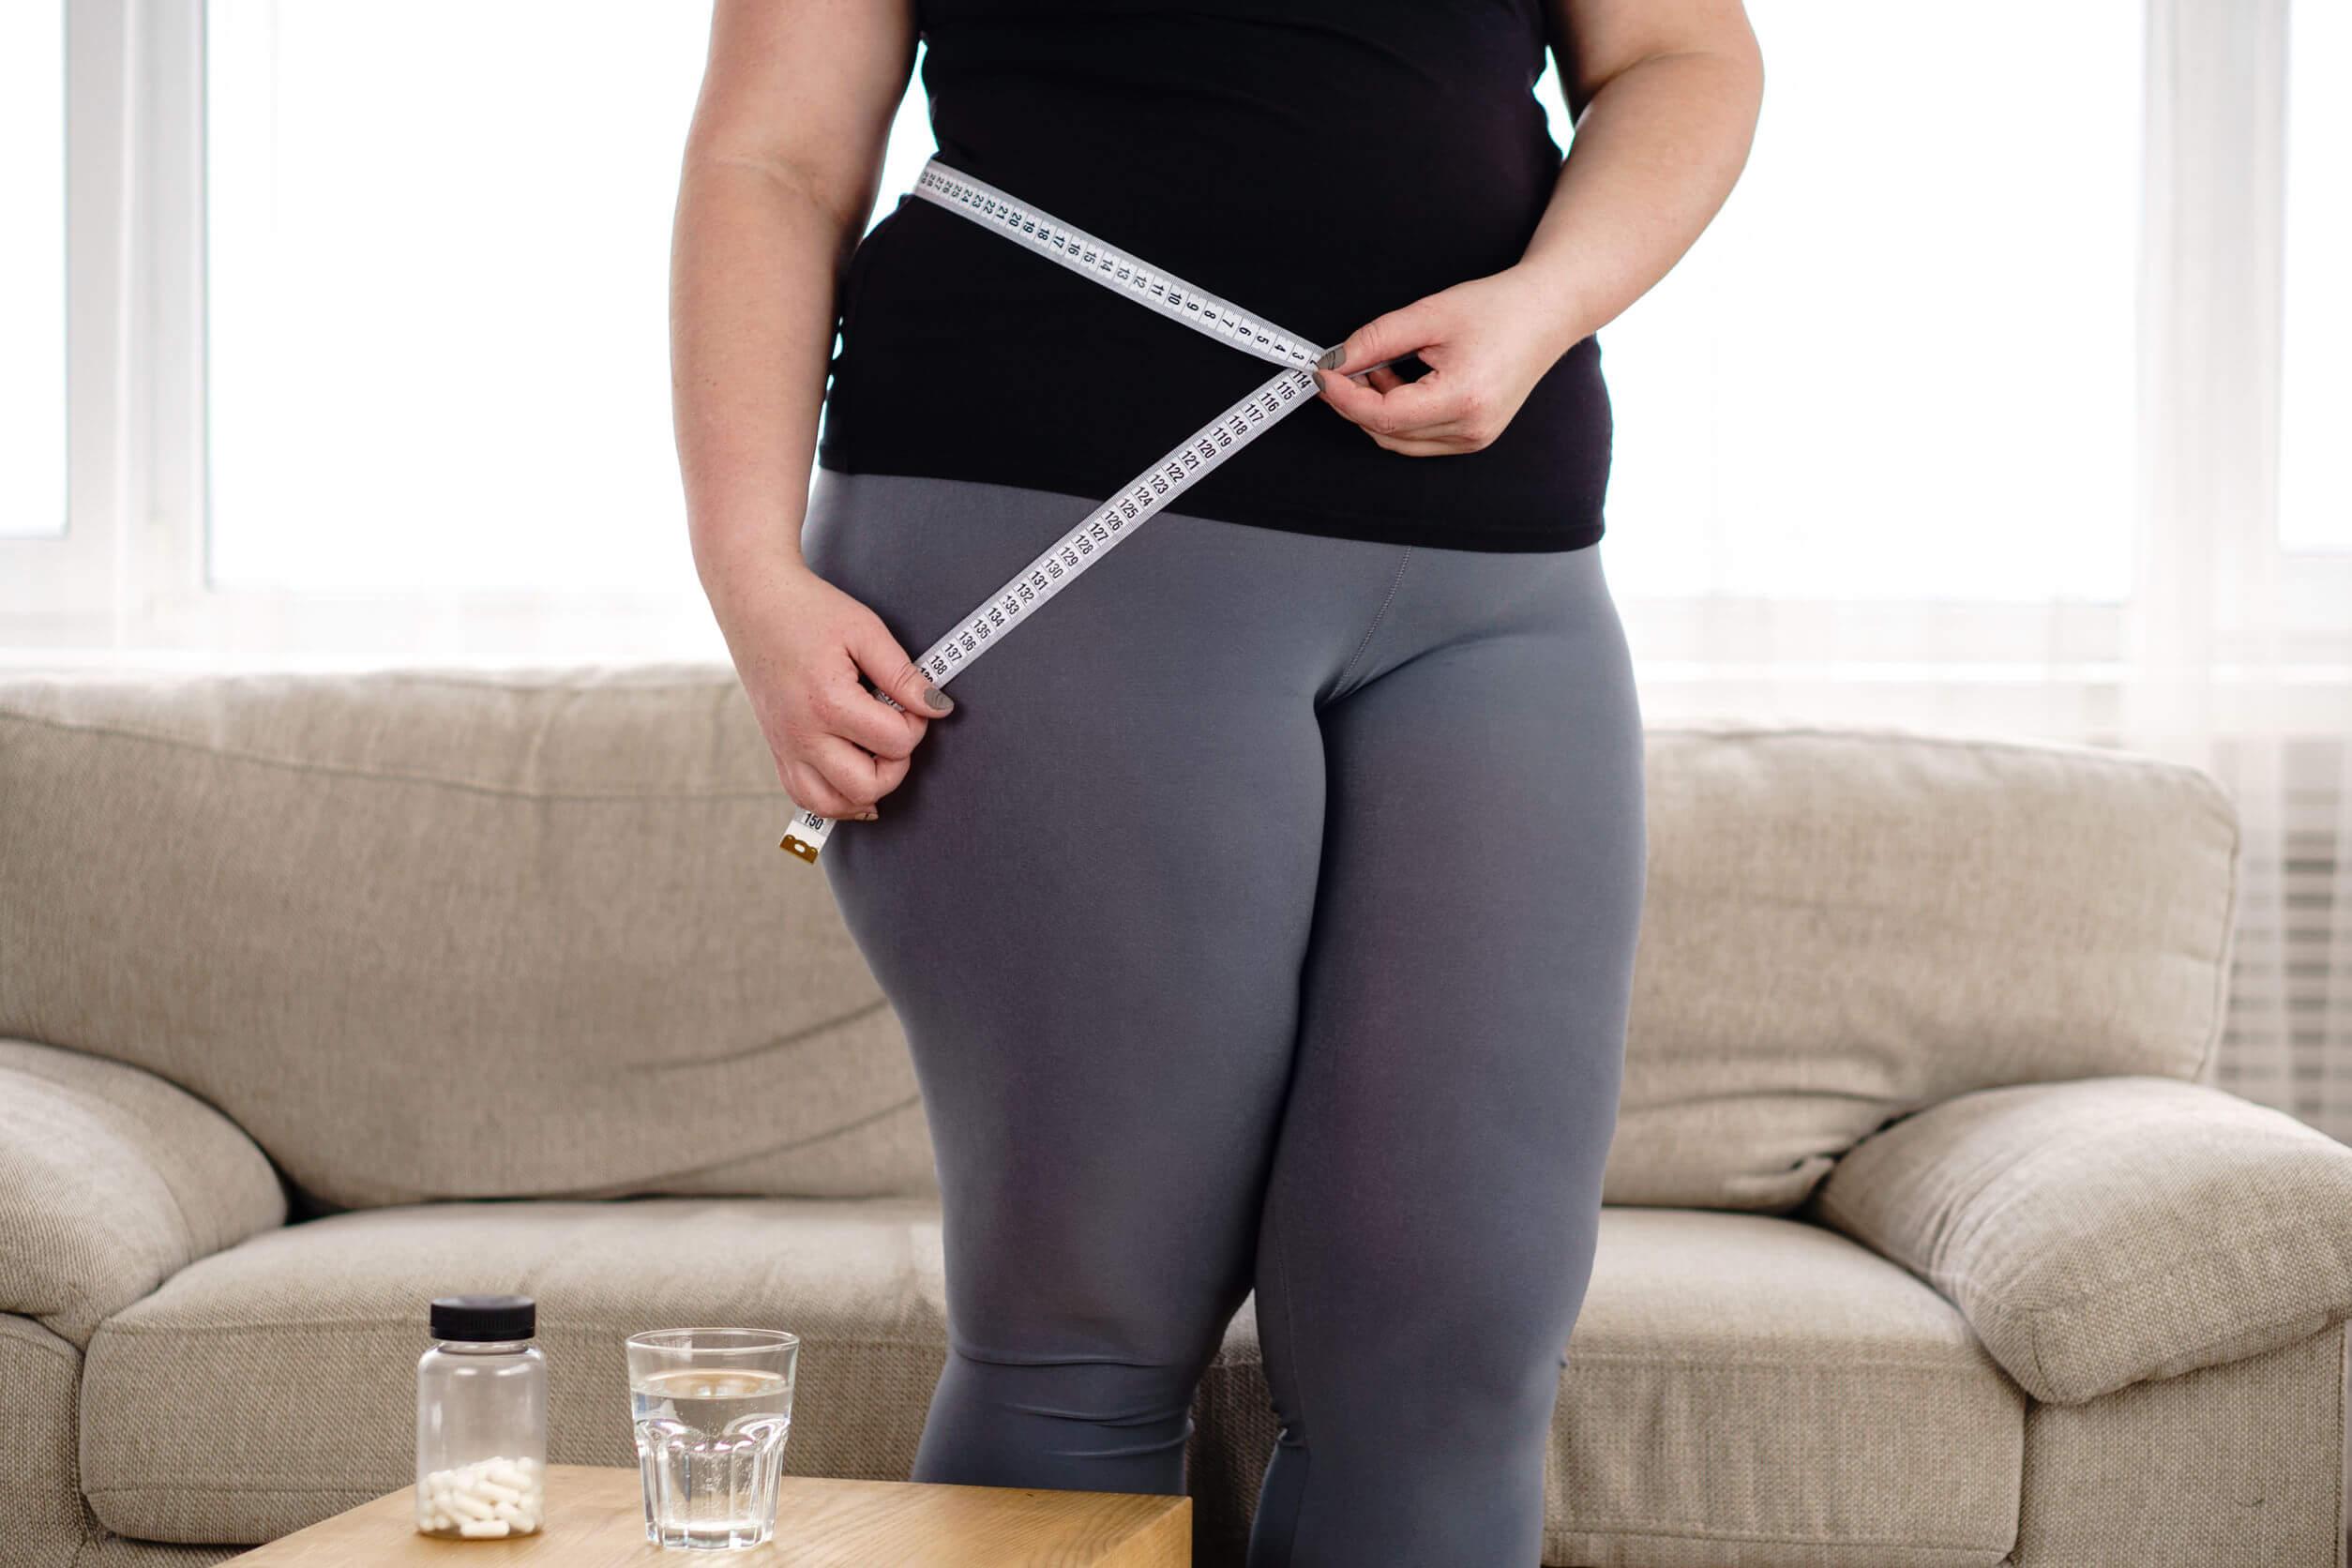 El aumento de peso es común.